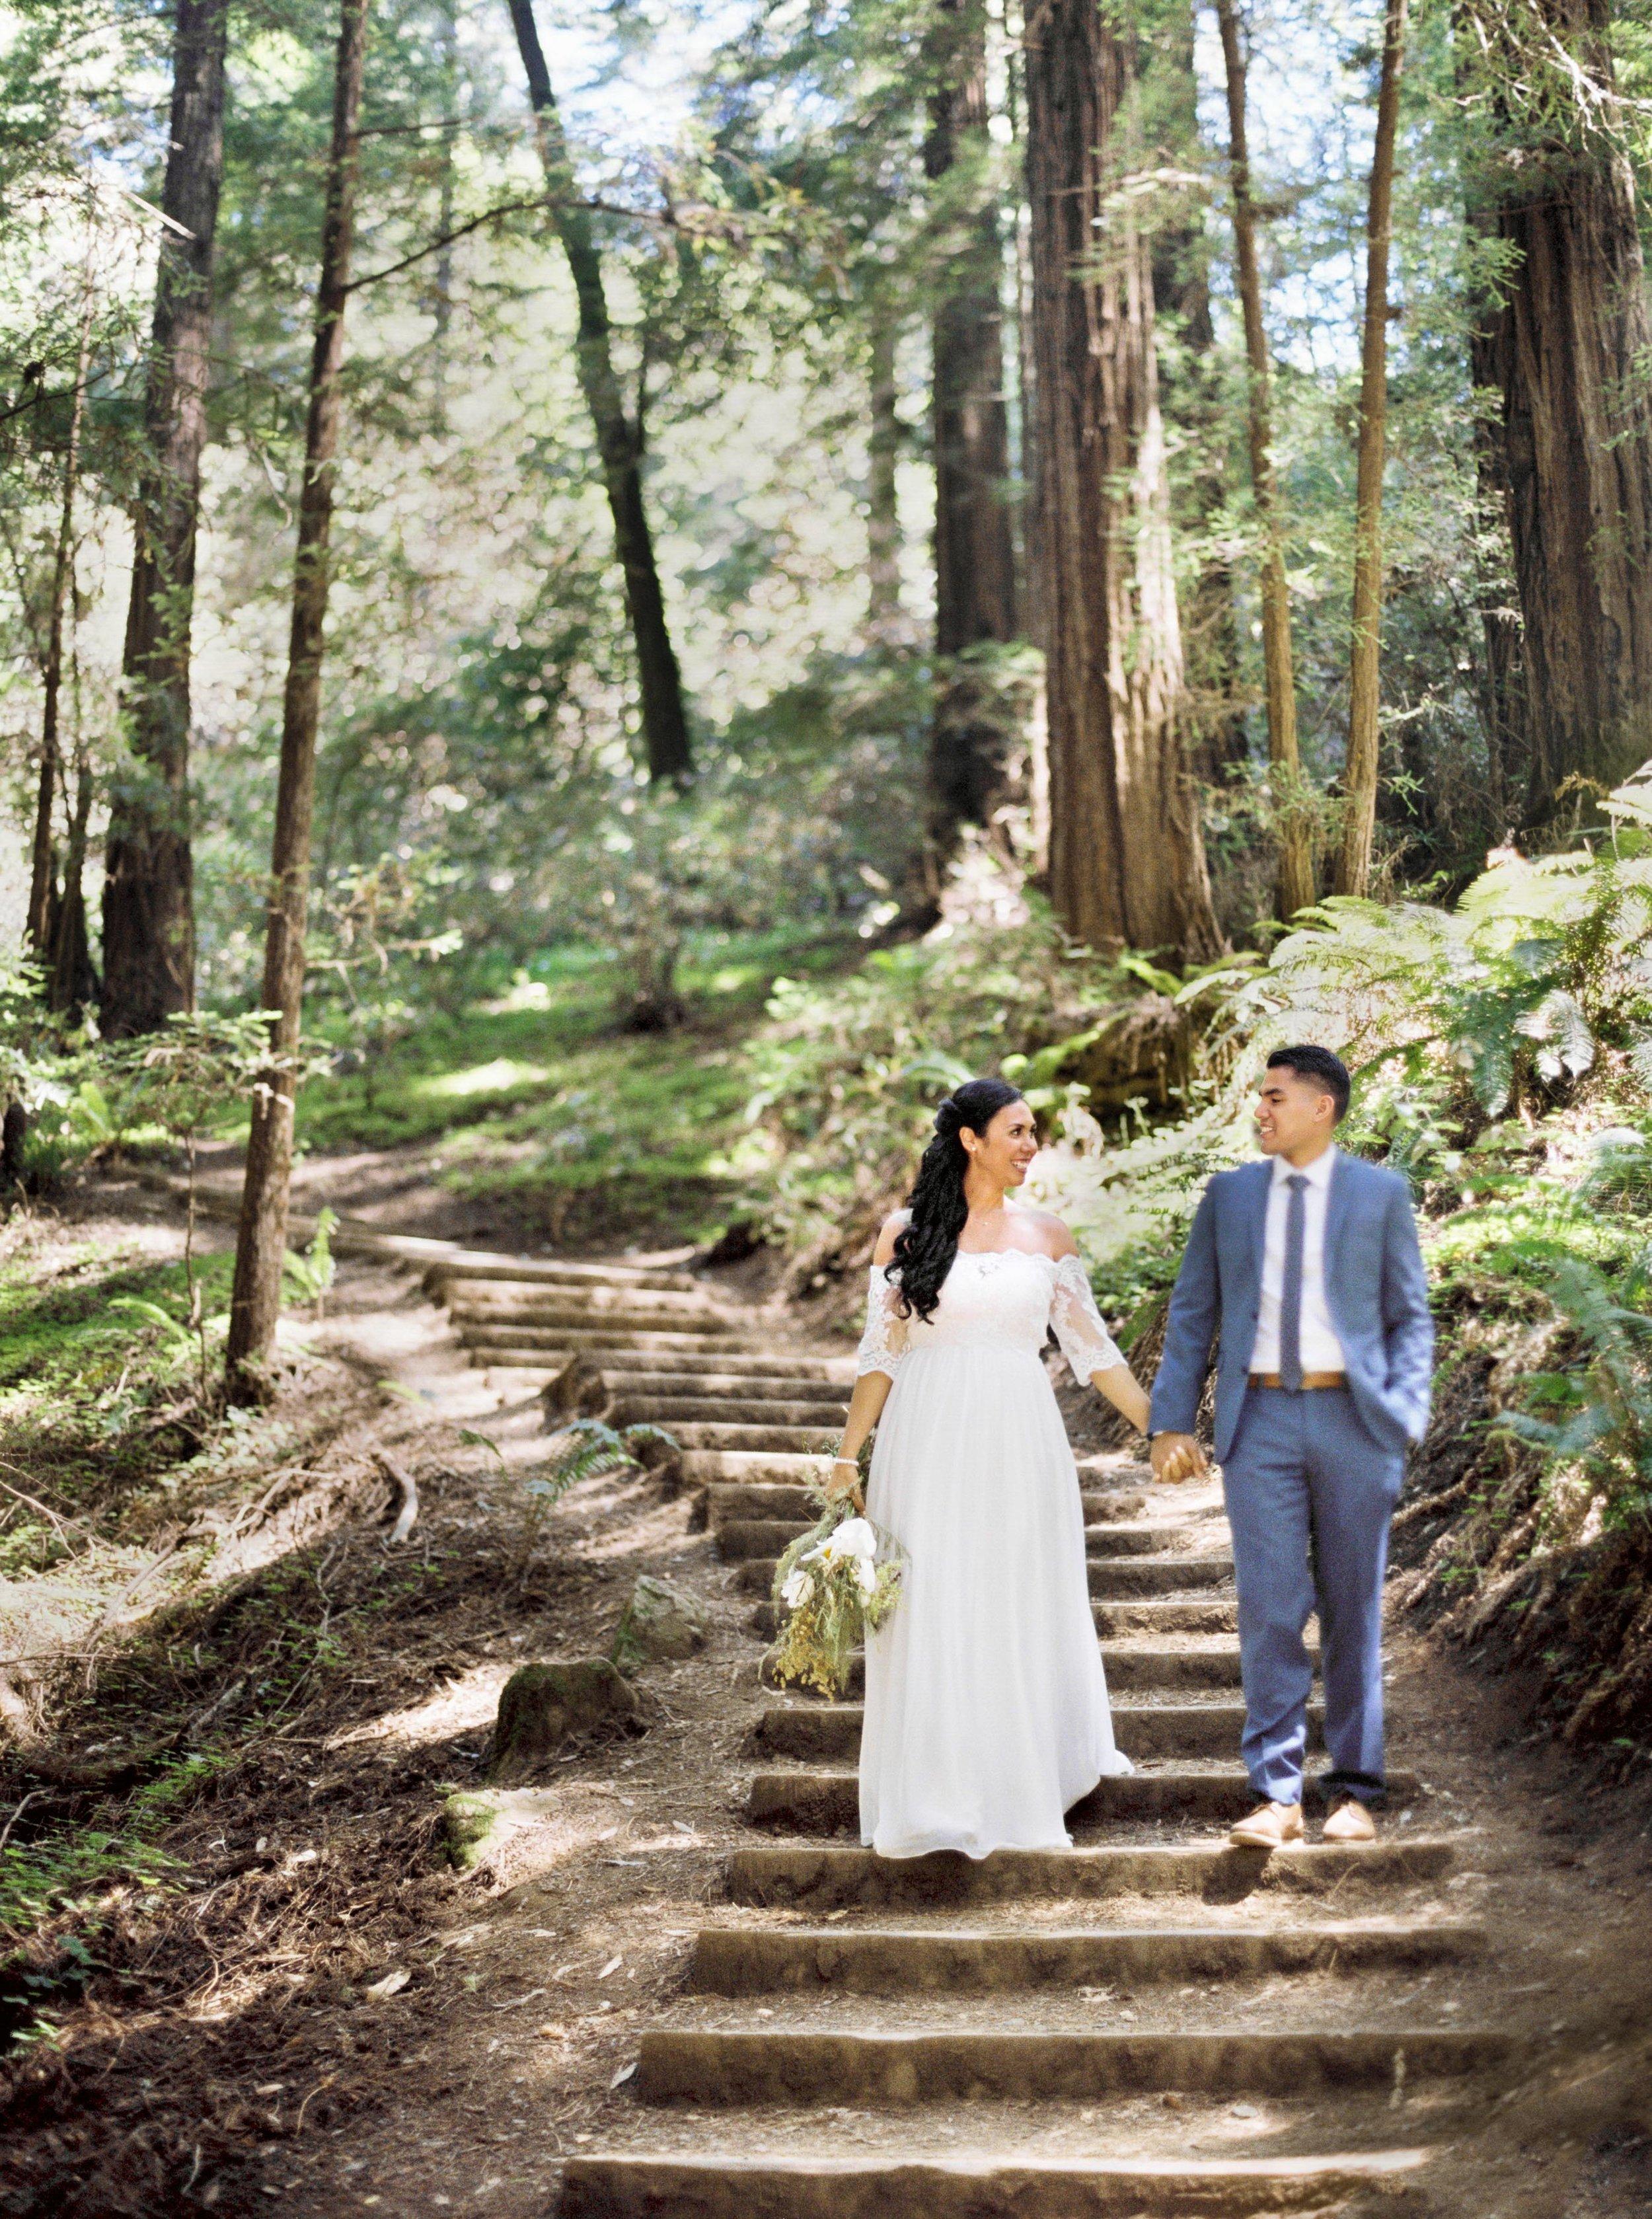 014_Krysten-Crebin-Muir-Woods-Elopement-Wedding-Photographer.jpg